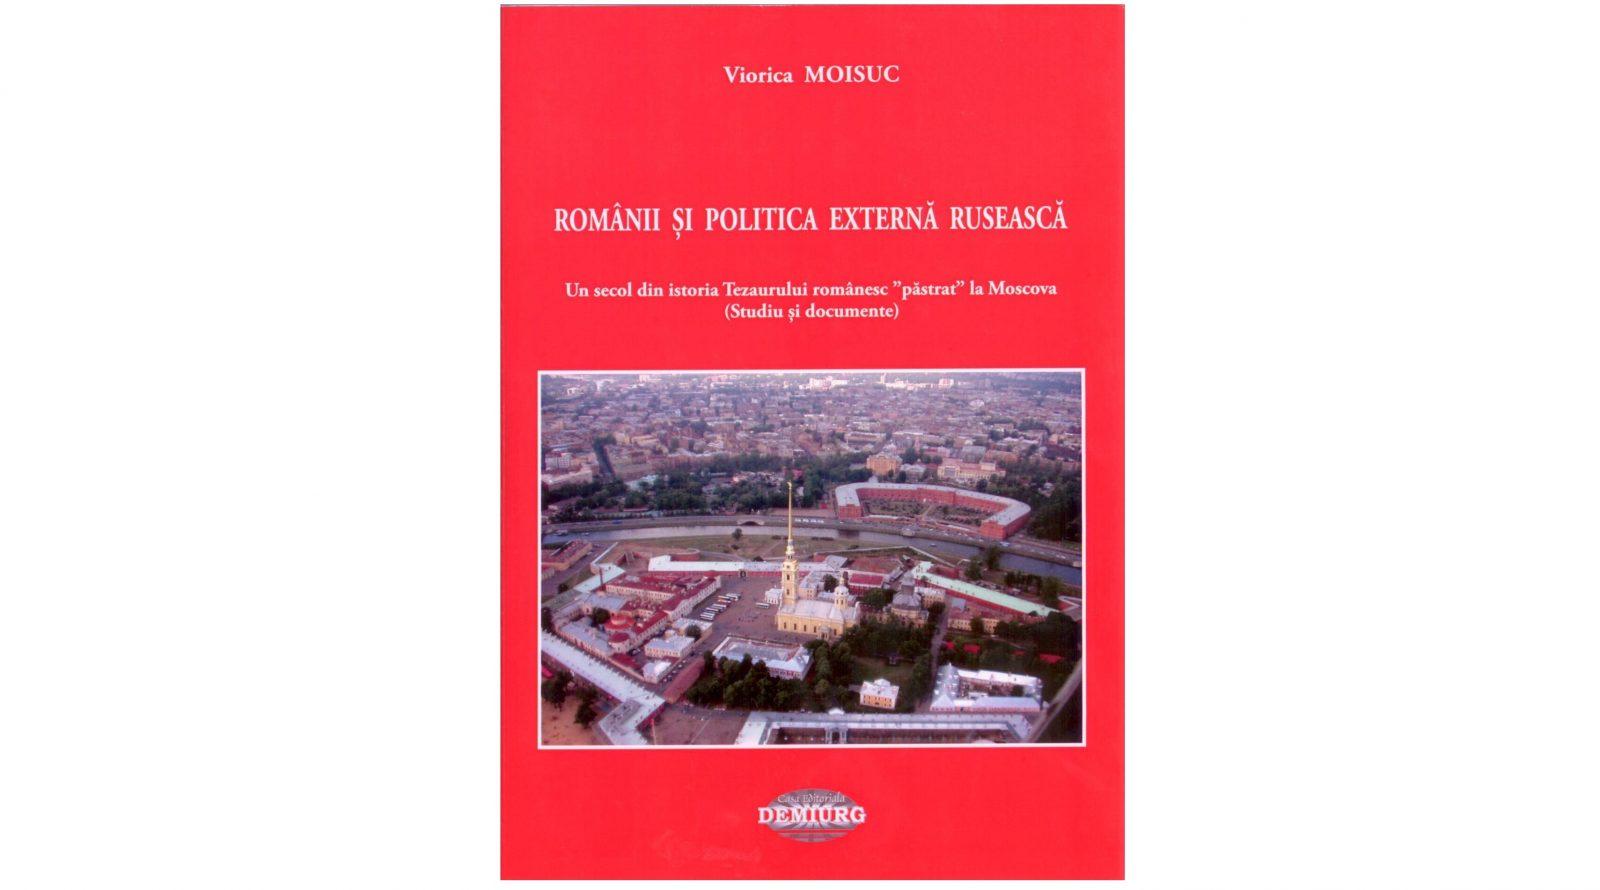 """Lansarea volumului ,,Românii și politica externă rusească"""", de Viorica Moisuc"""